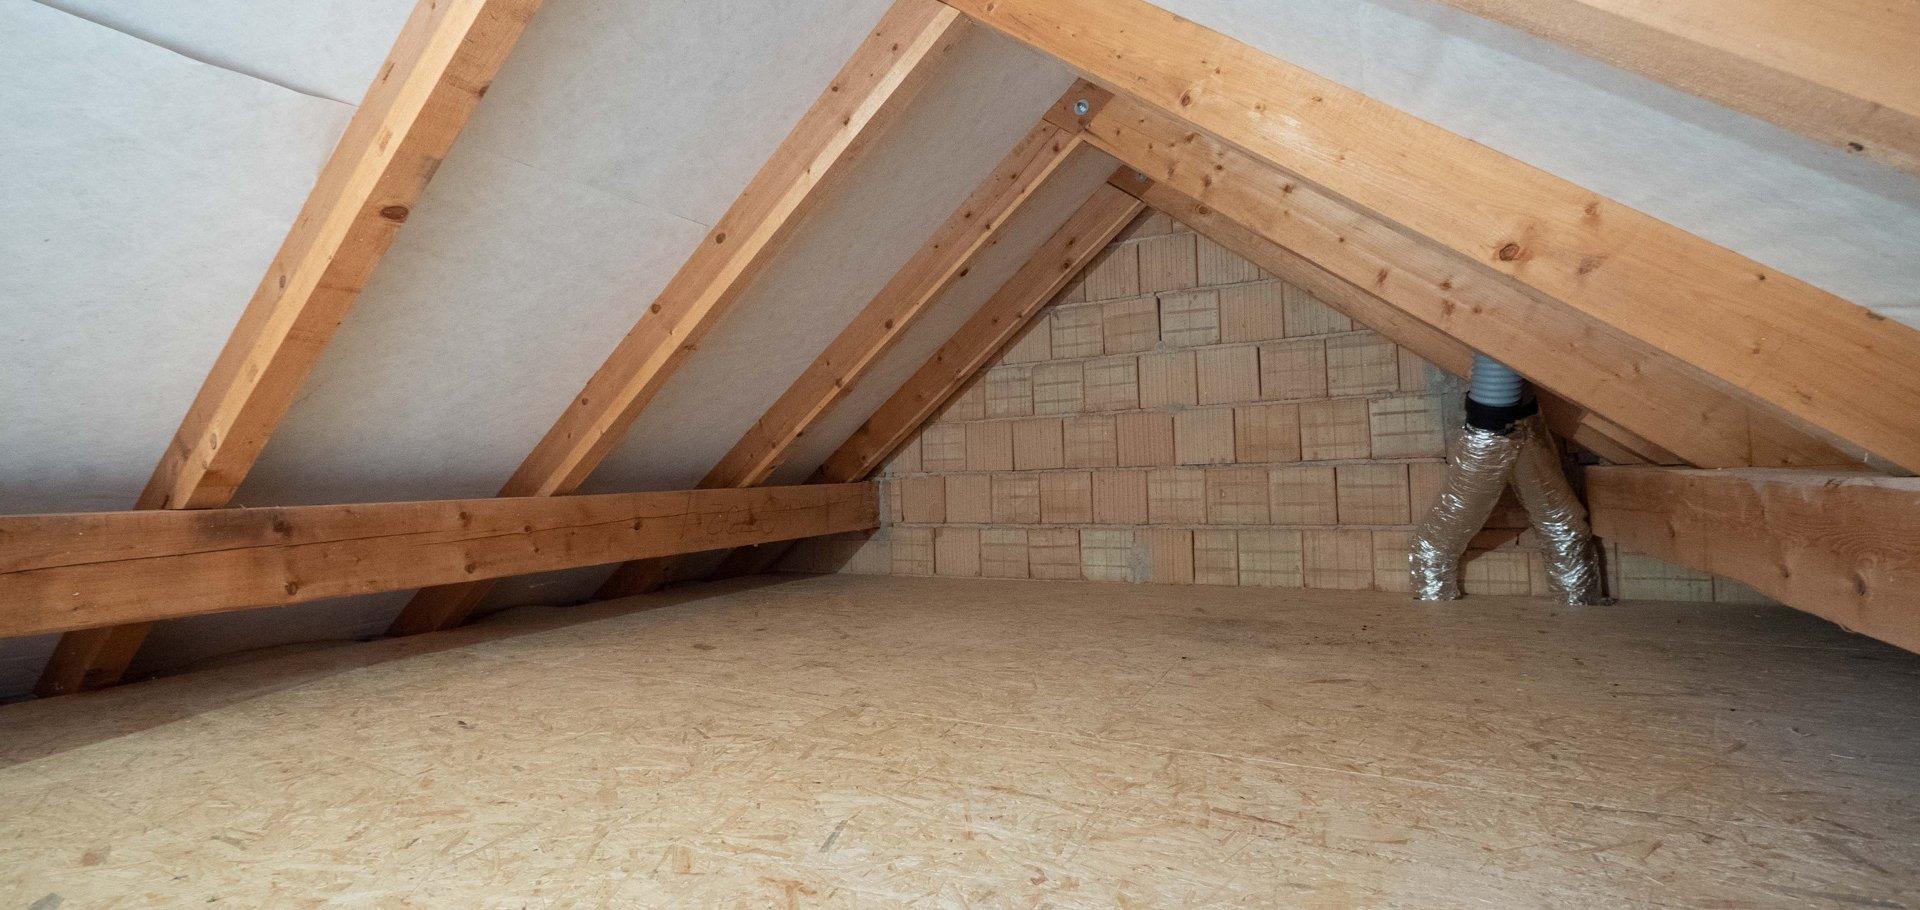 Novostavba rodinného domu 5+kk, 125m2, pozemek 607m2, Velký Dvůr u Pohořelic